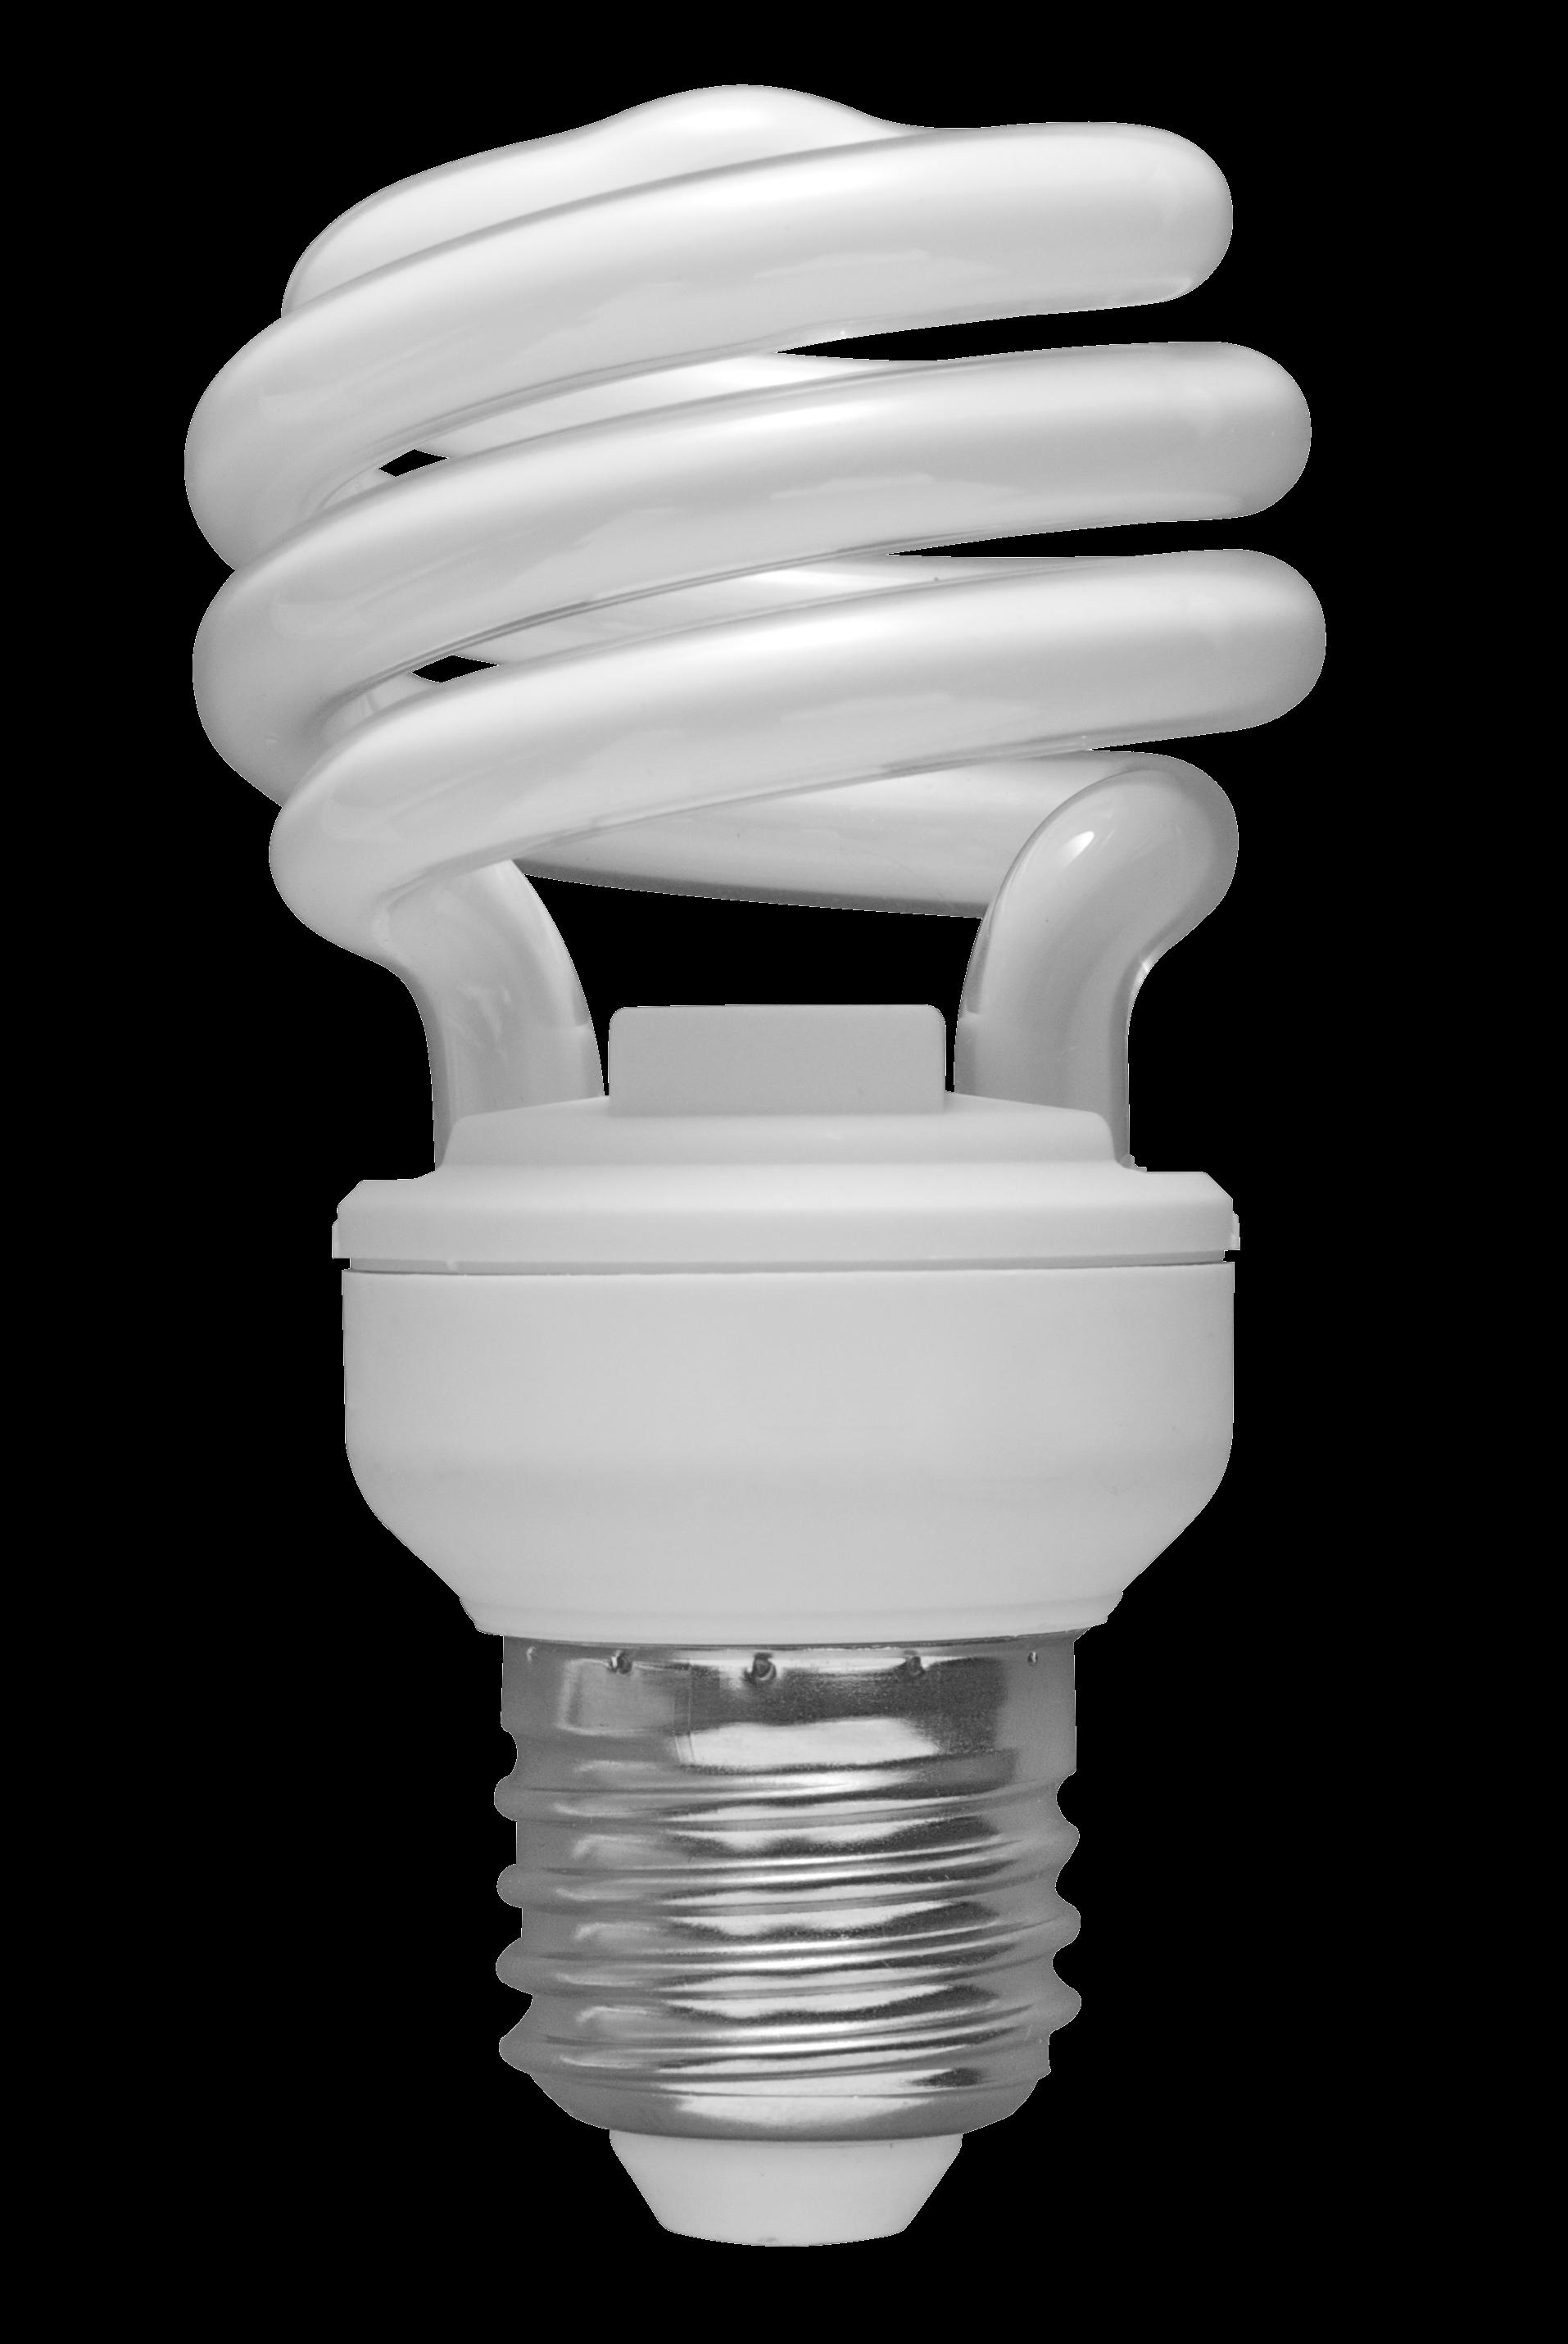 Use Compact Fluorescent Light Bulbs Fluorescent Light Bulb Cfl